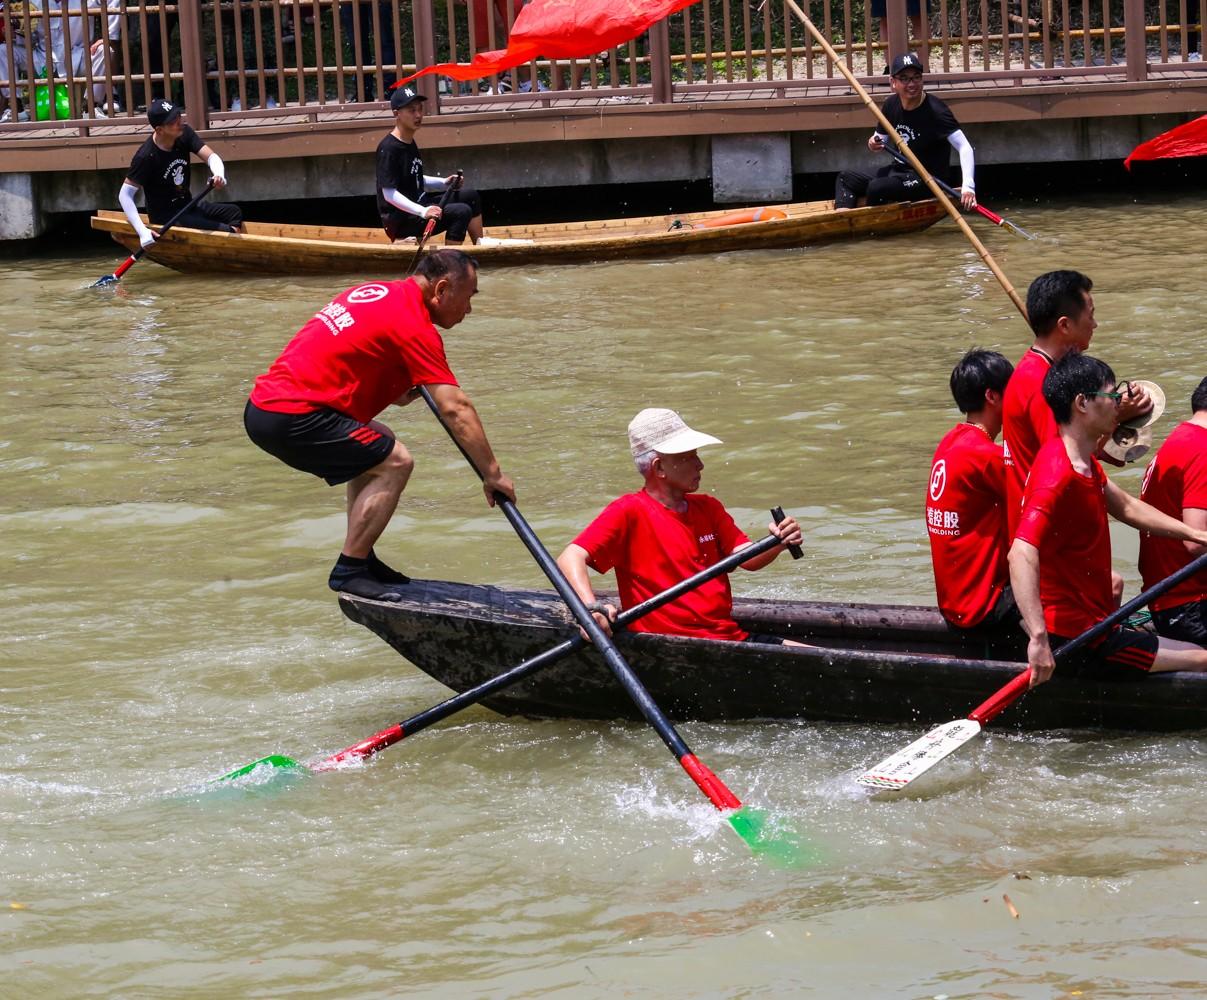 西溪龙舟文化节_图1-5